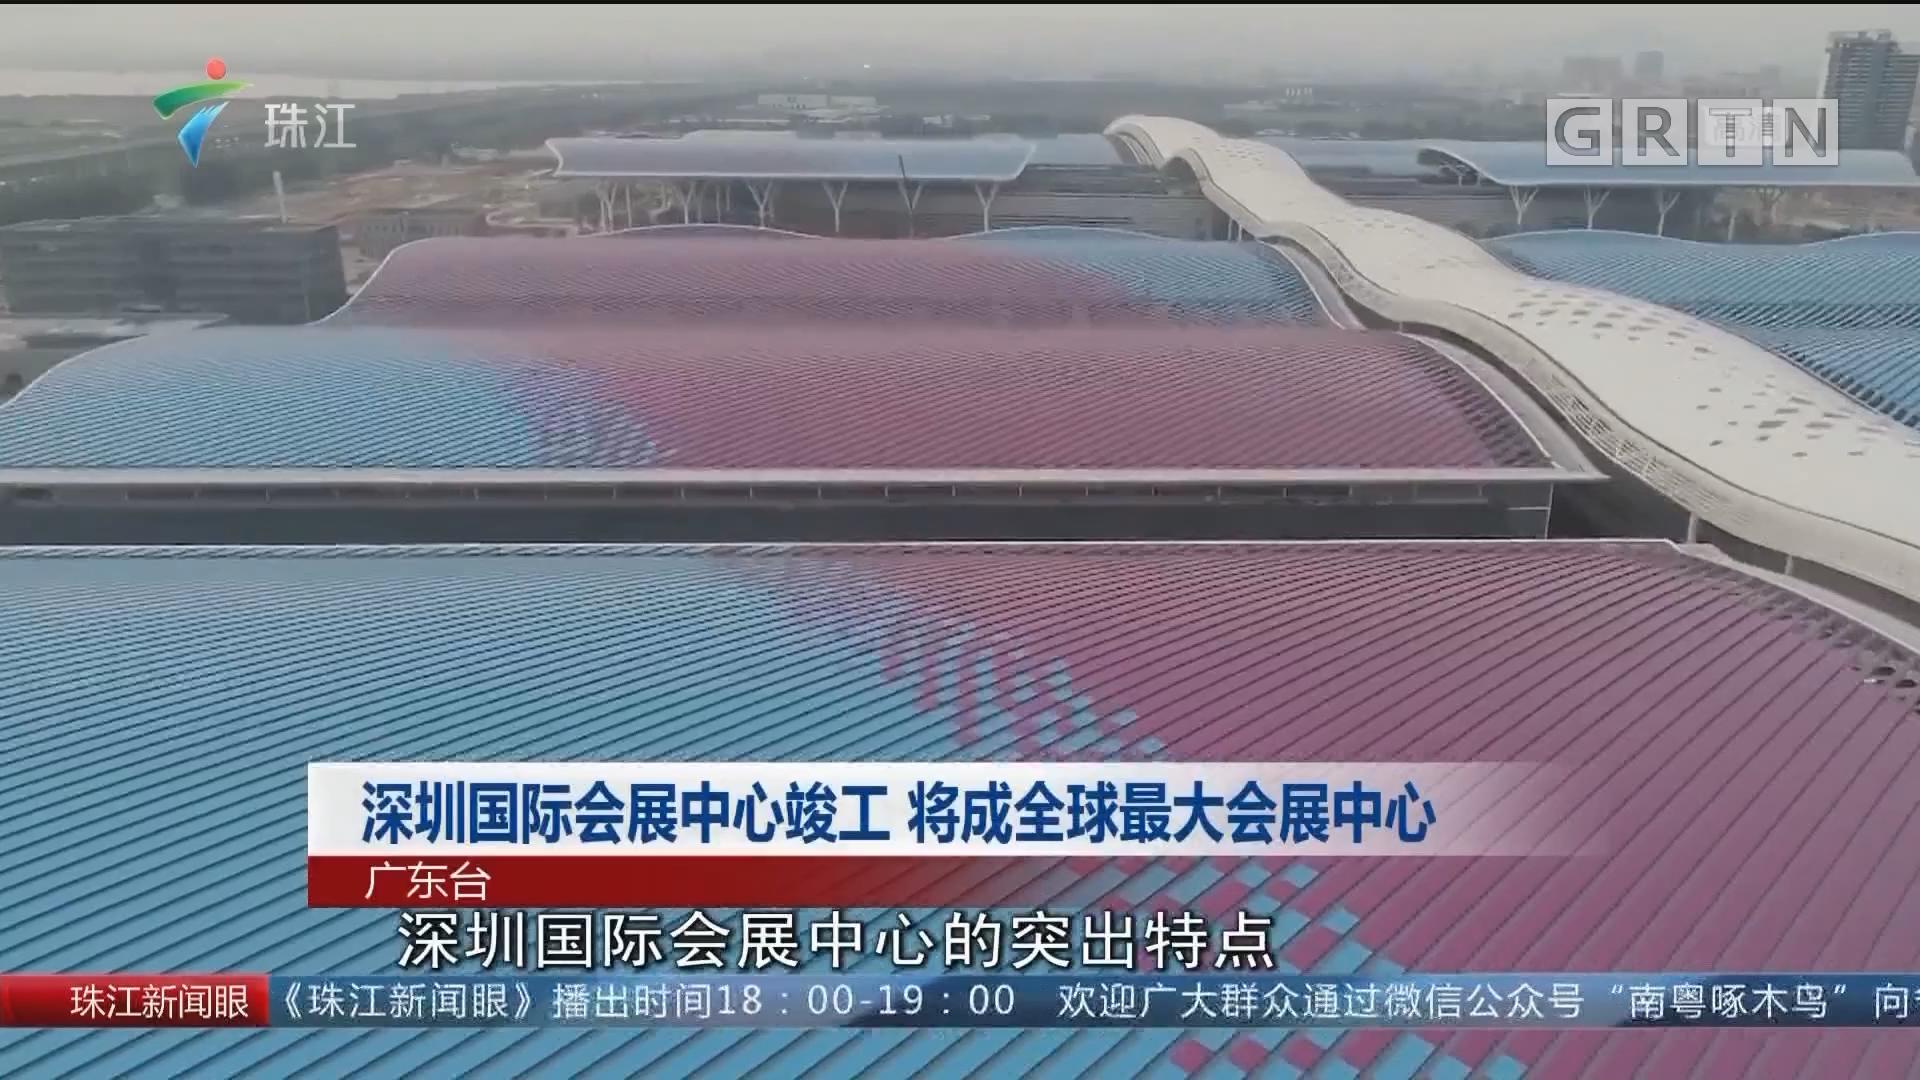 深圳國際會展中心竣工 將成全球最大會展中心